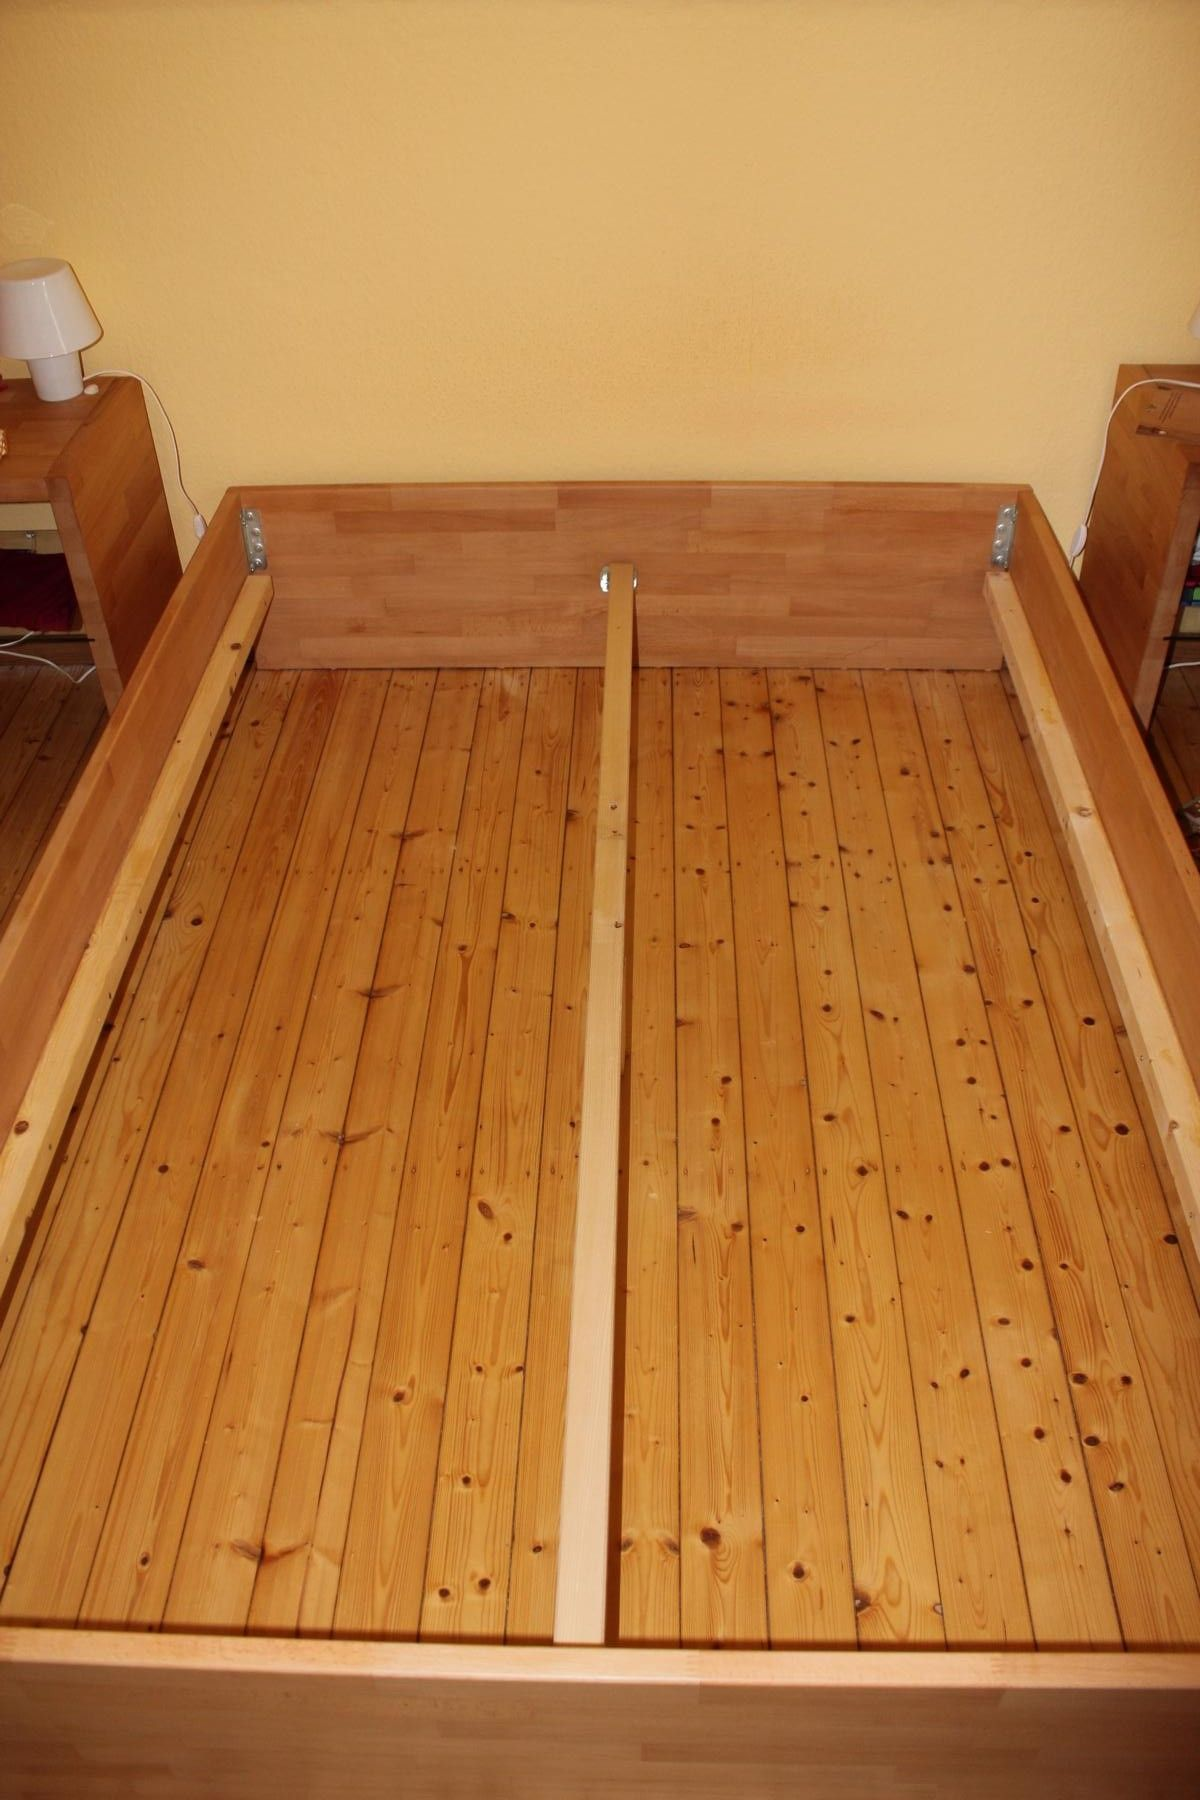 schlichtes bett eigene projekte auf 1 2 pinterest bett bett selber bauen und m bel. Black Bedroom Furniture Sets. Home Design Ideas